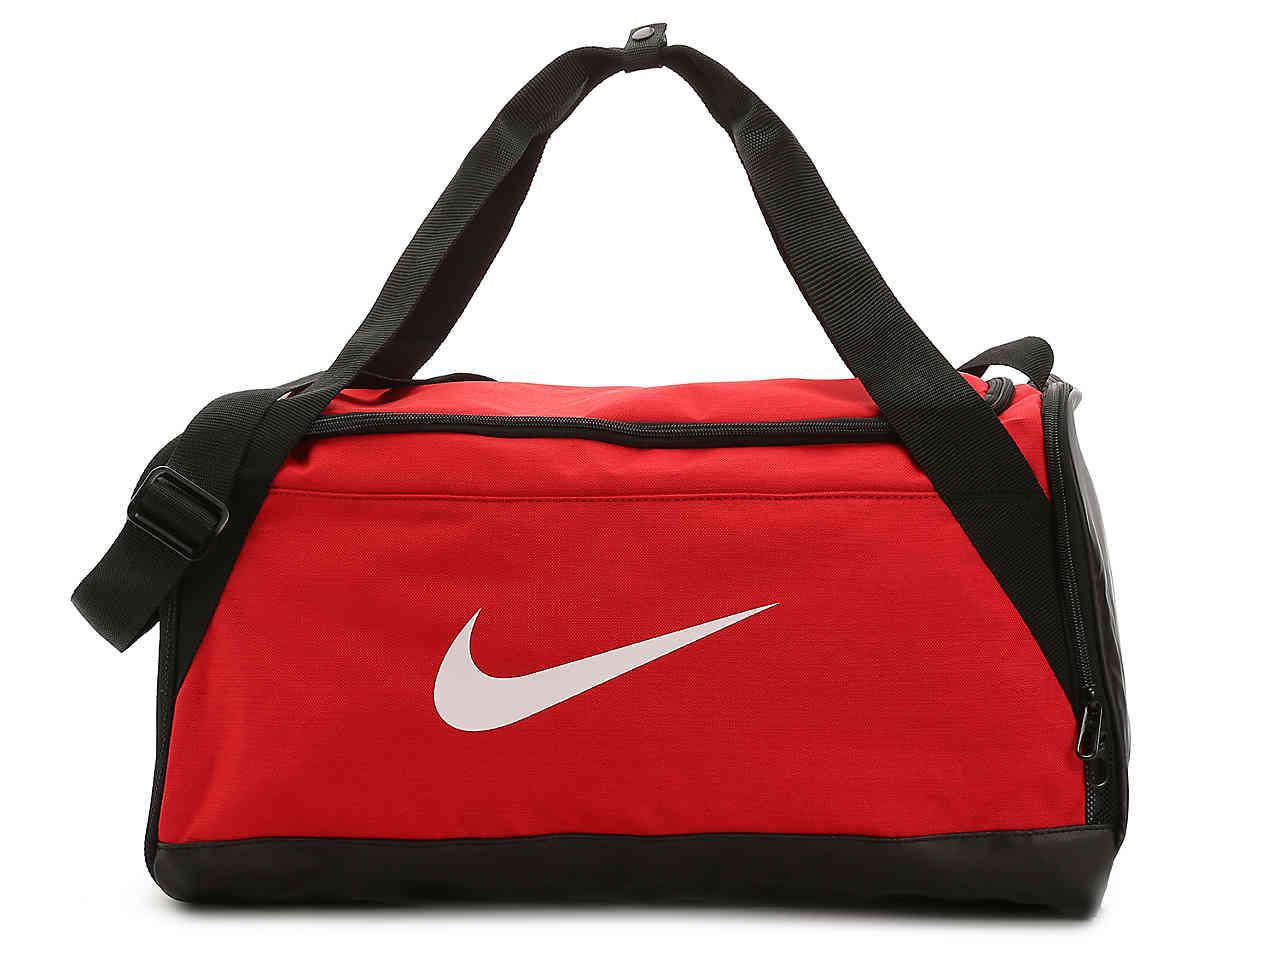 dd589ba75b Lyst - Nike Brasilia Gym Bag in Red for Men